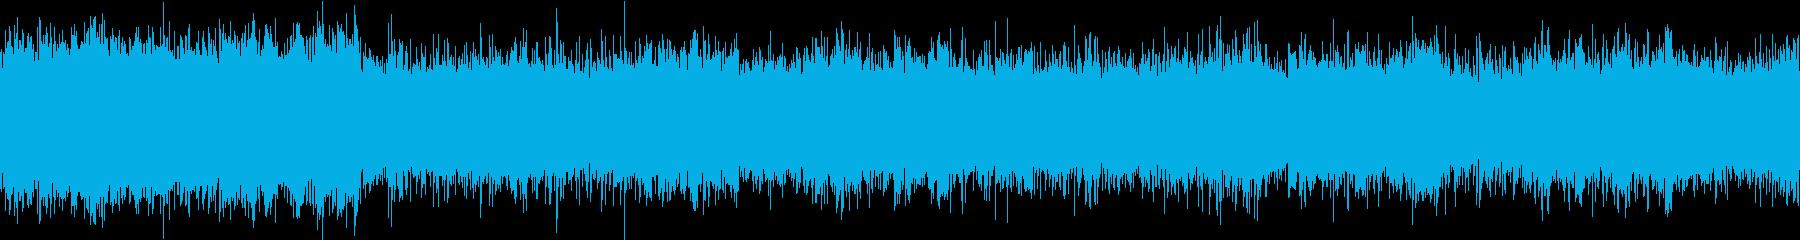 おだやかキラキラ/カラオケ/ループの再生済みの波形